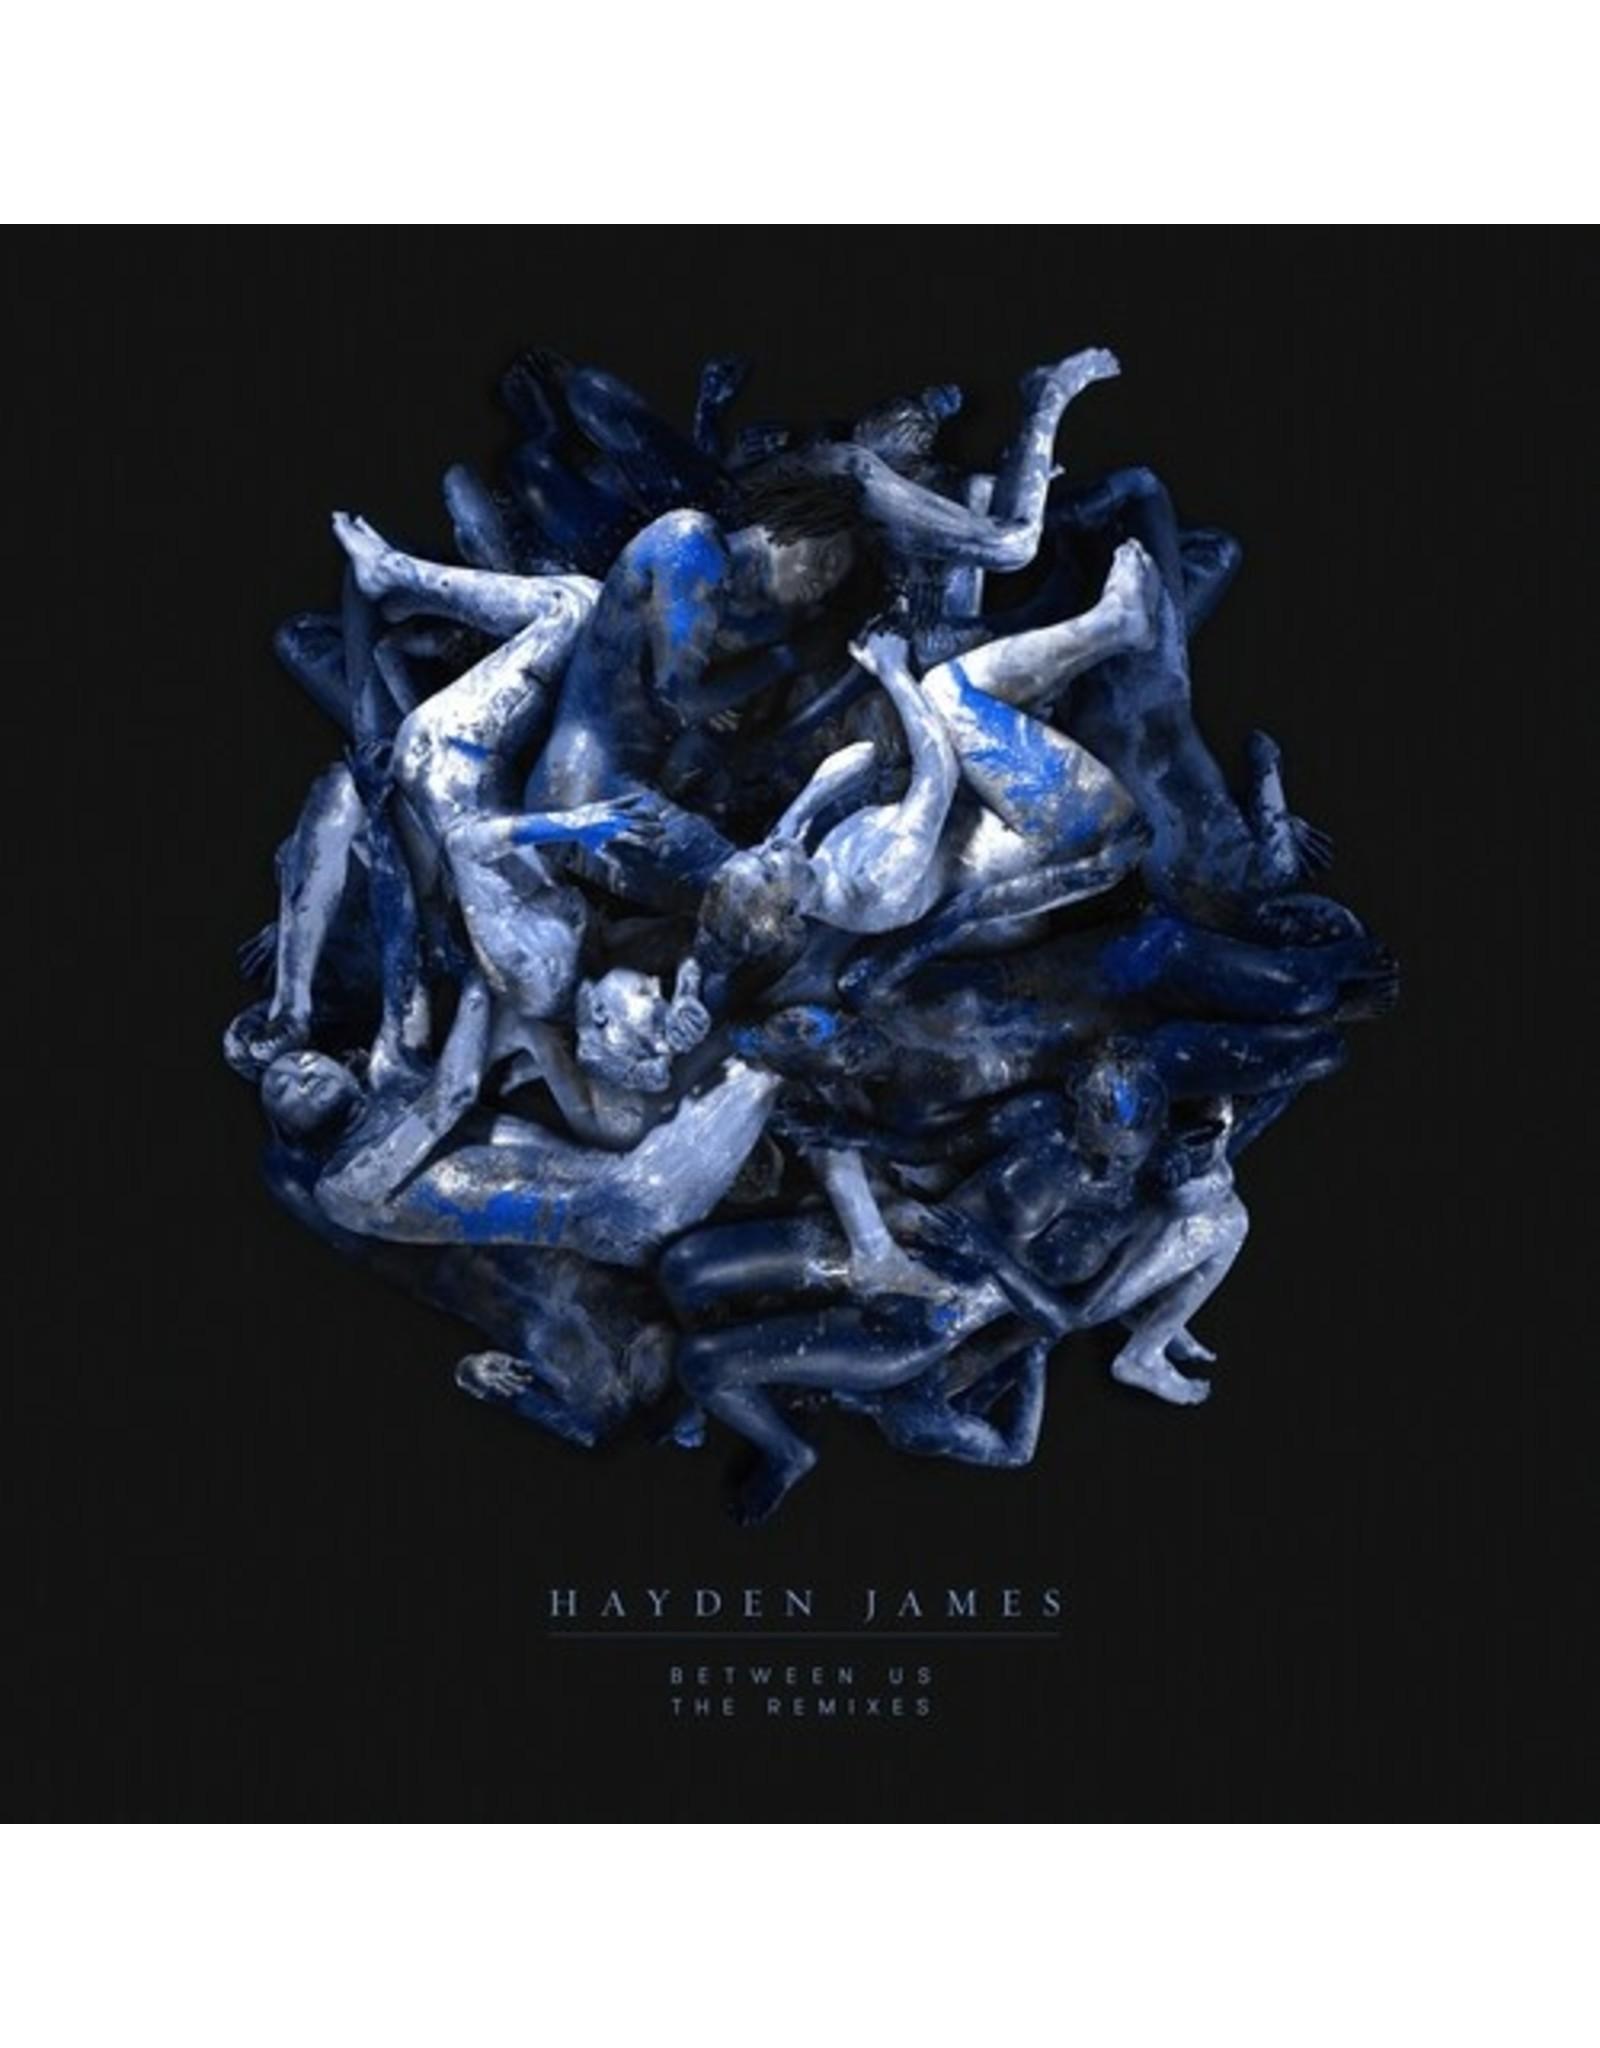 New Vinyl Hayden James - Between Us 2LP